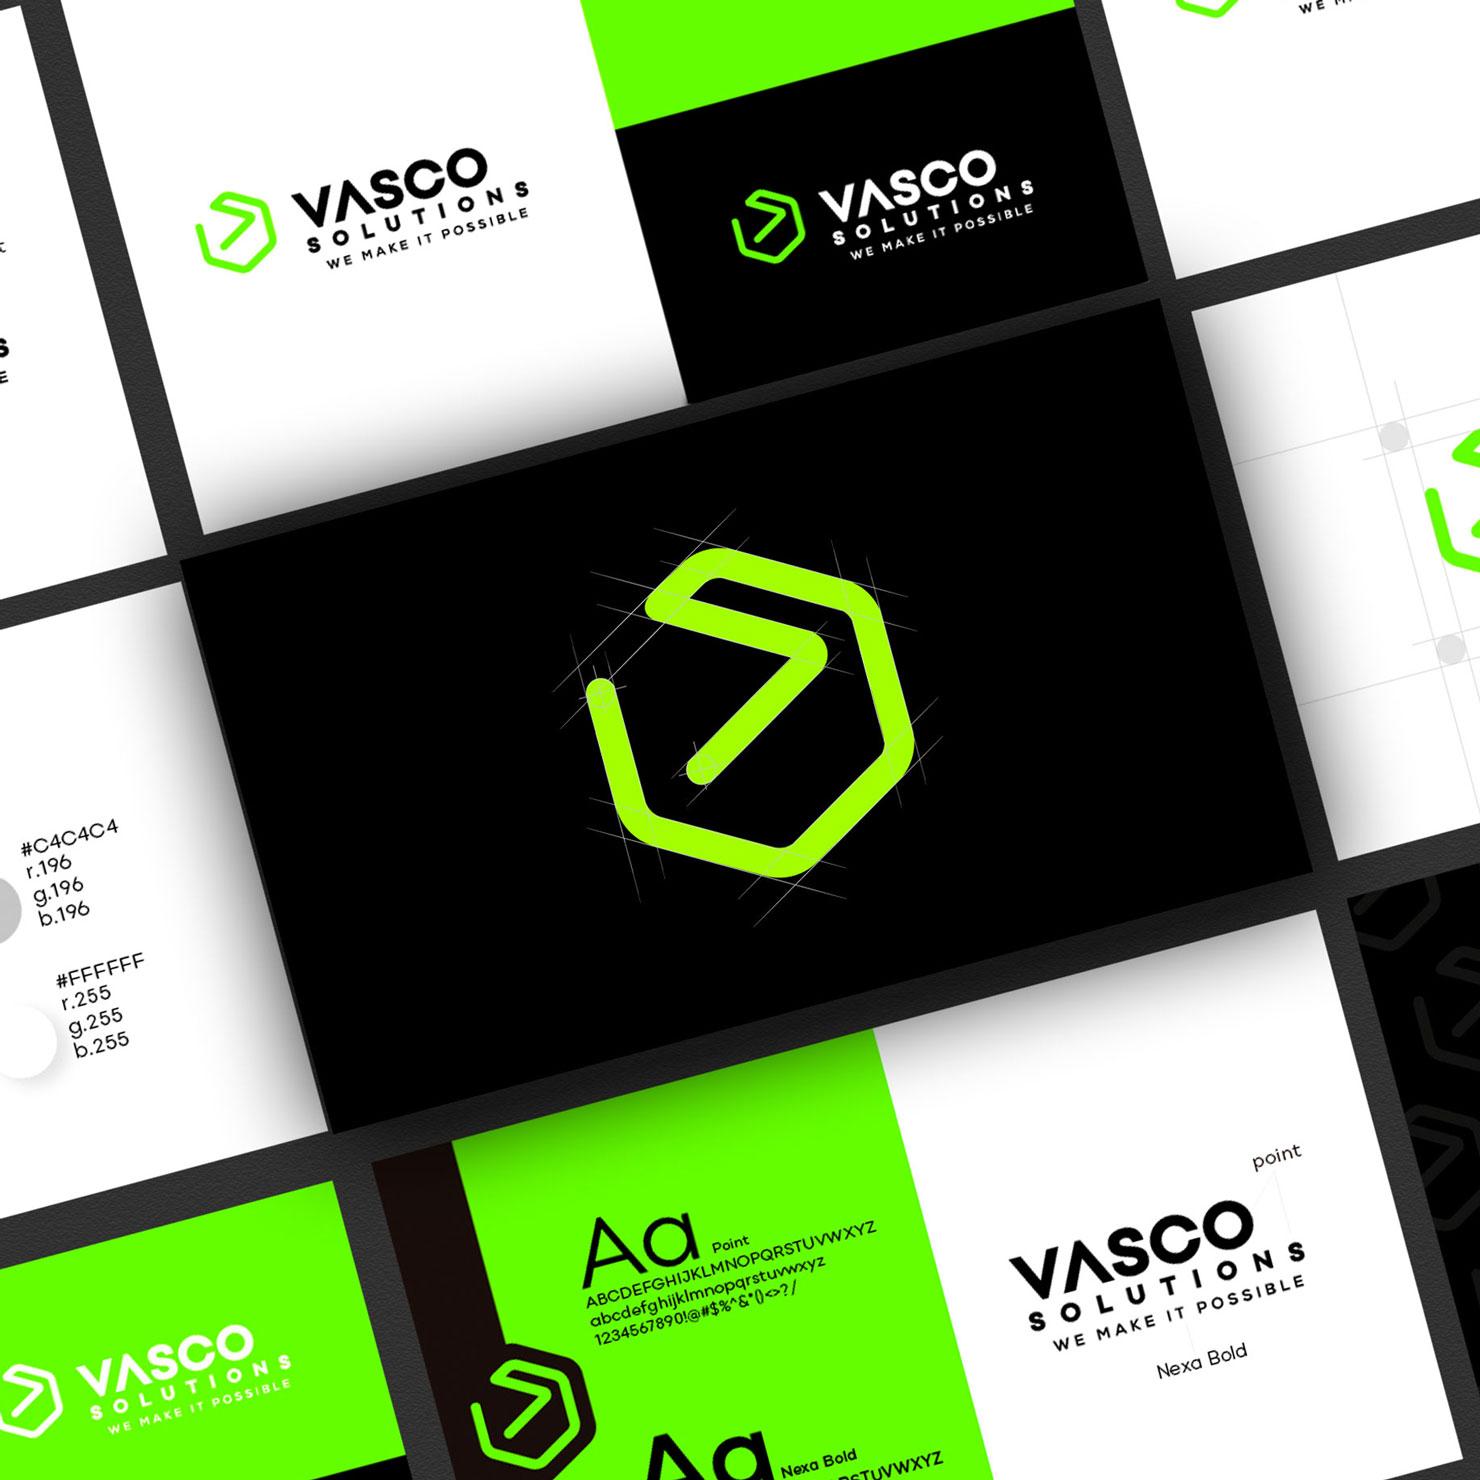 projects-marceloobg